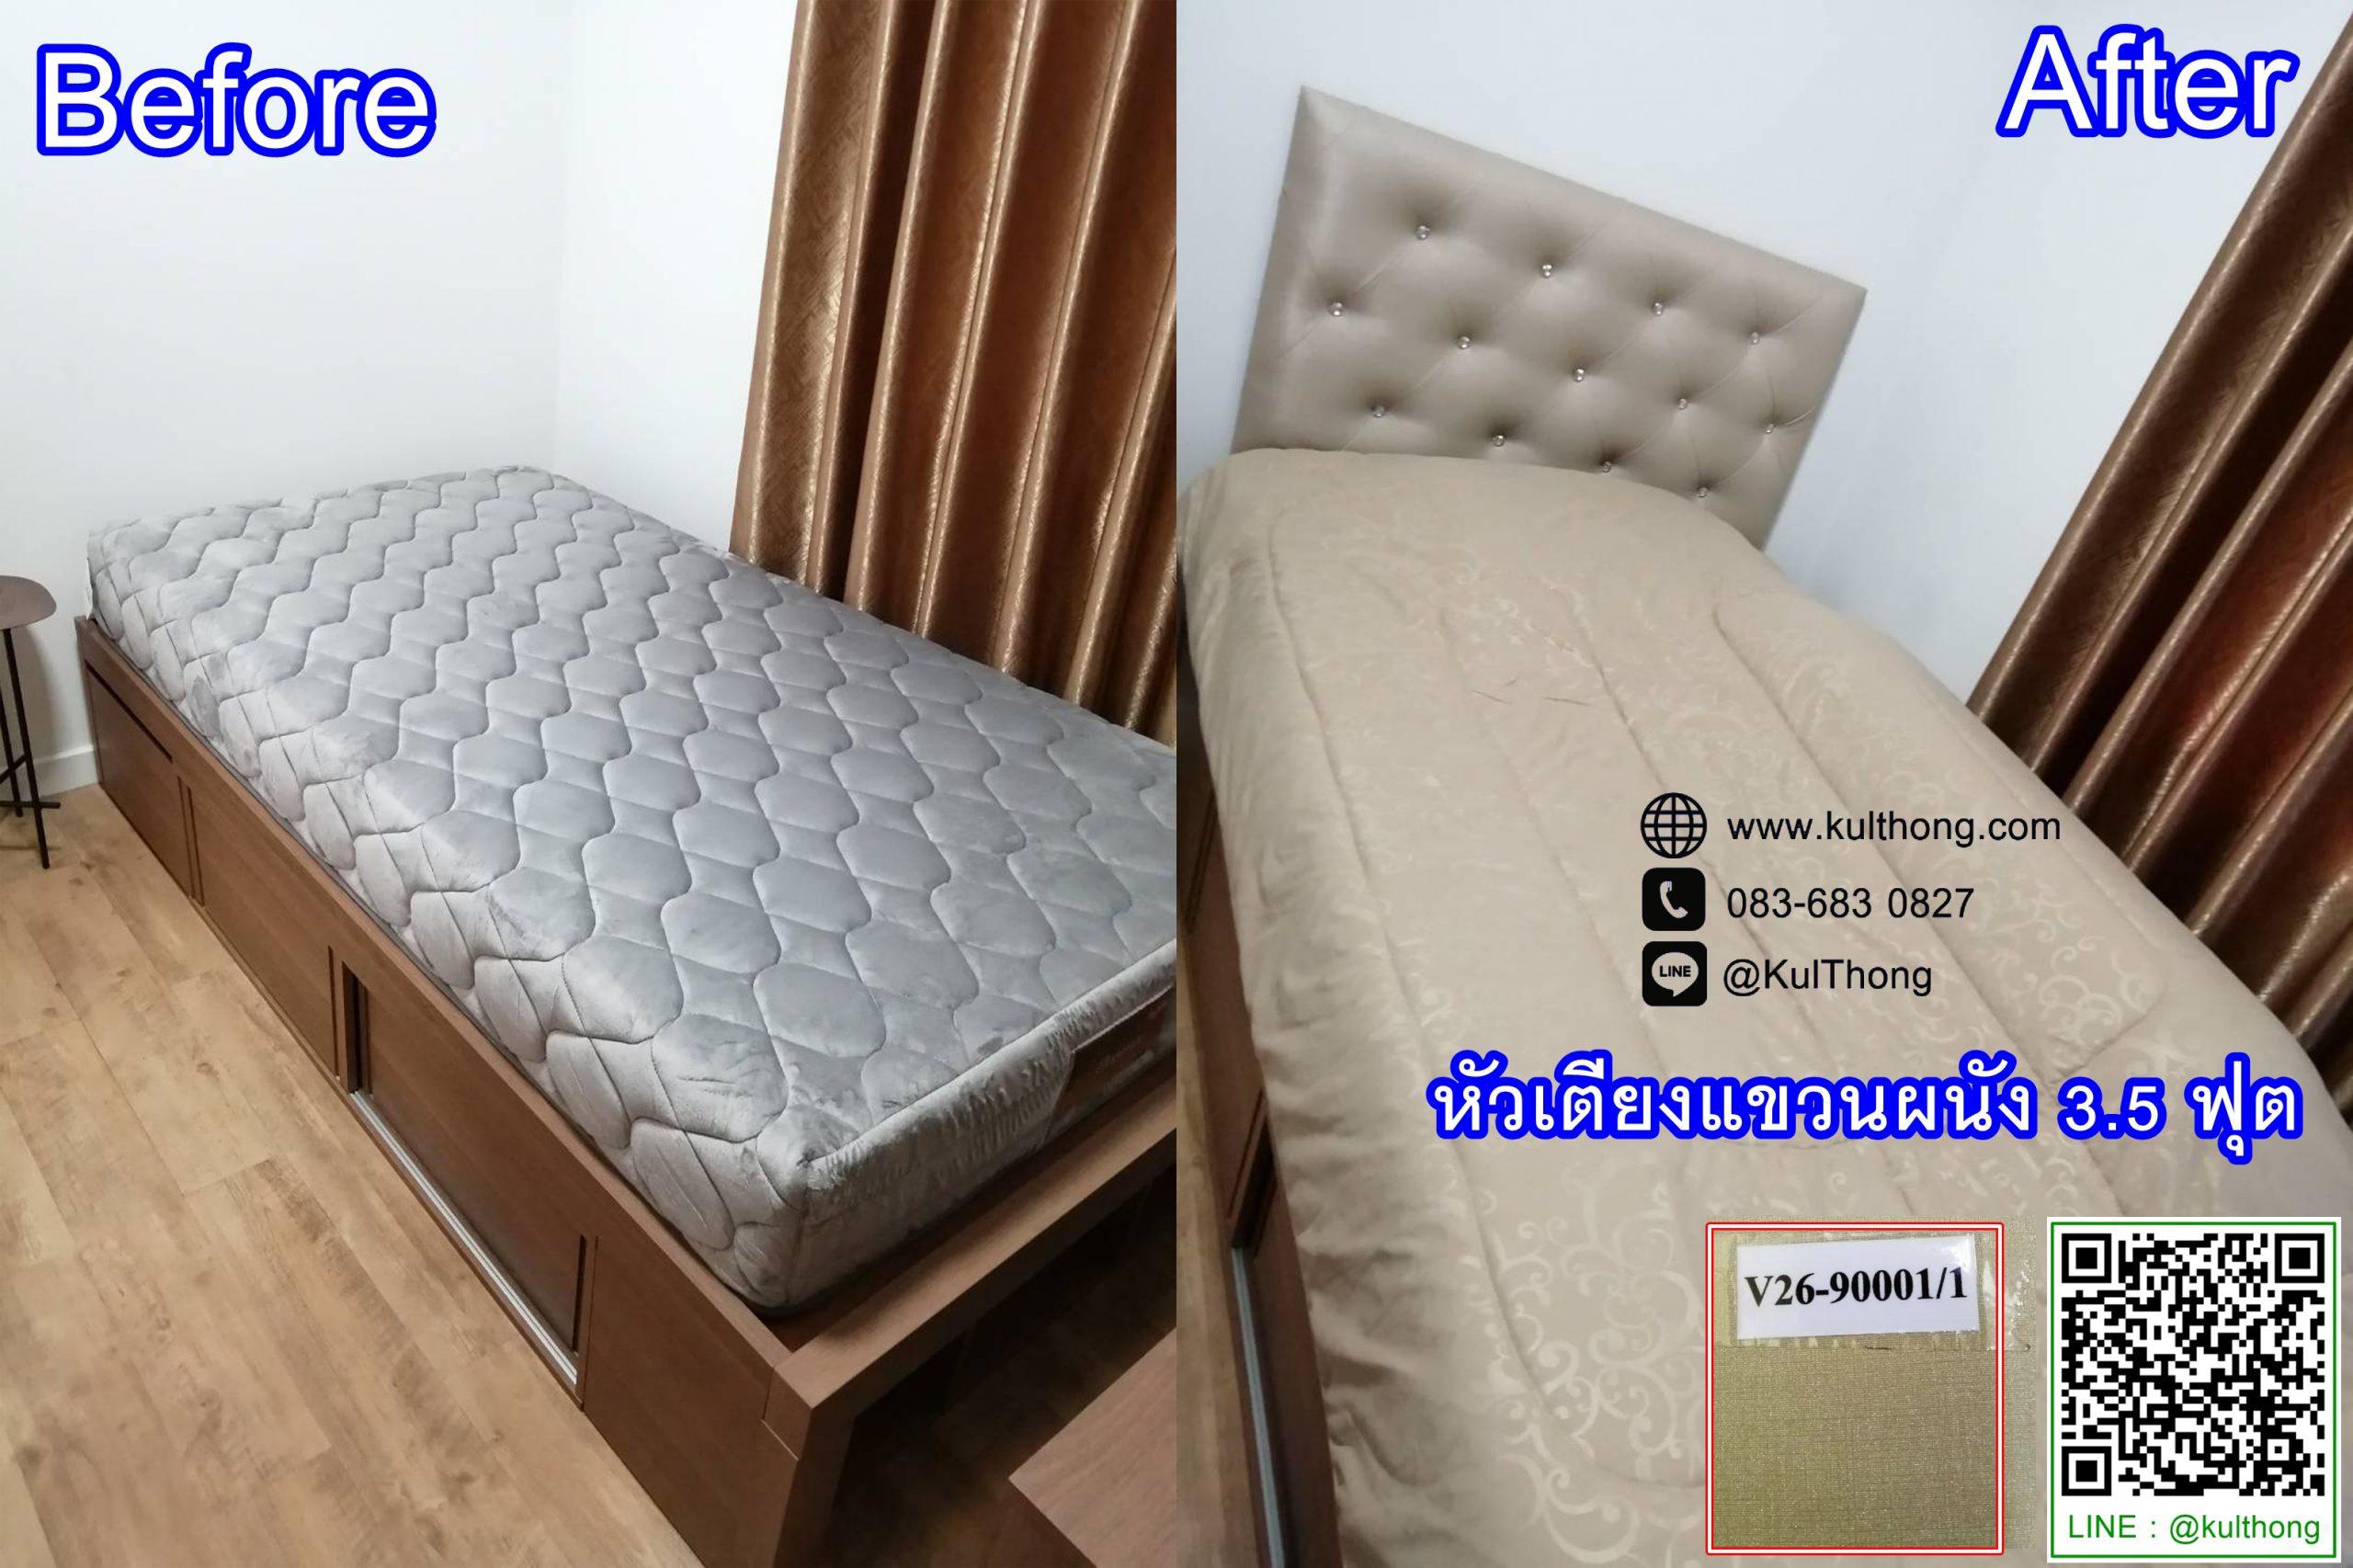 แผ่นหัวเตียง หัวเตียงดึงกระดุม หัวเตียง 3.5 ฟุต